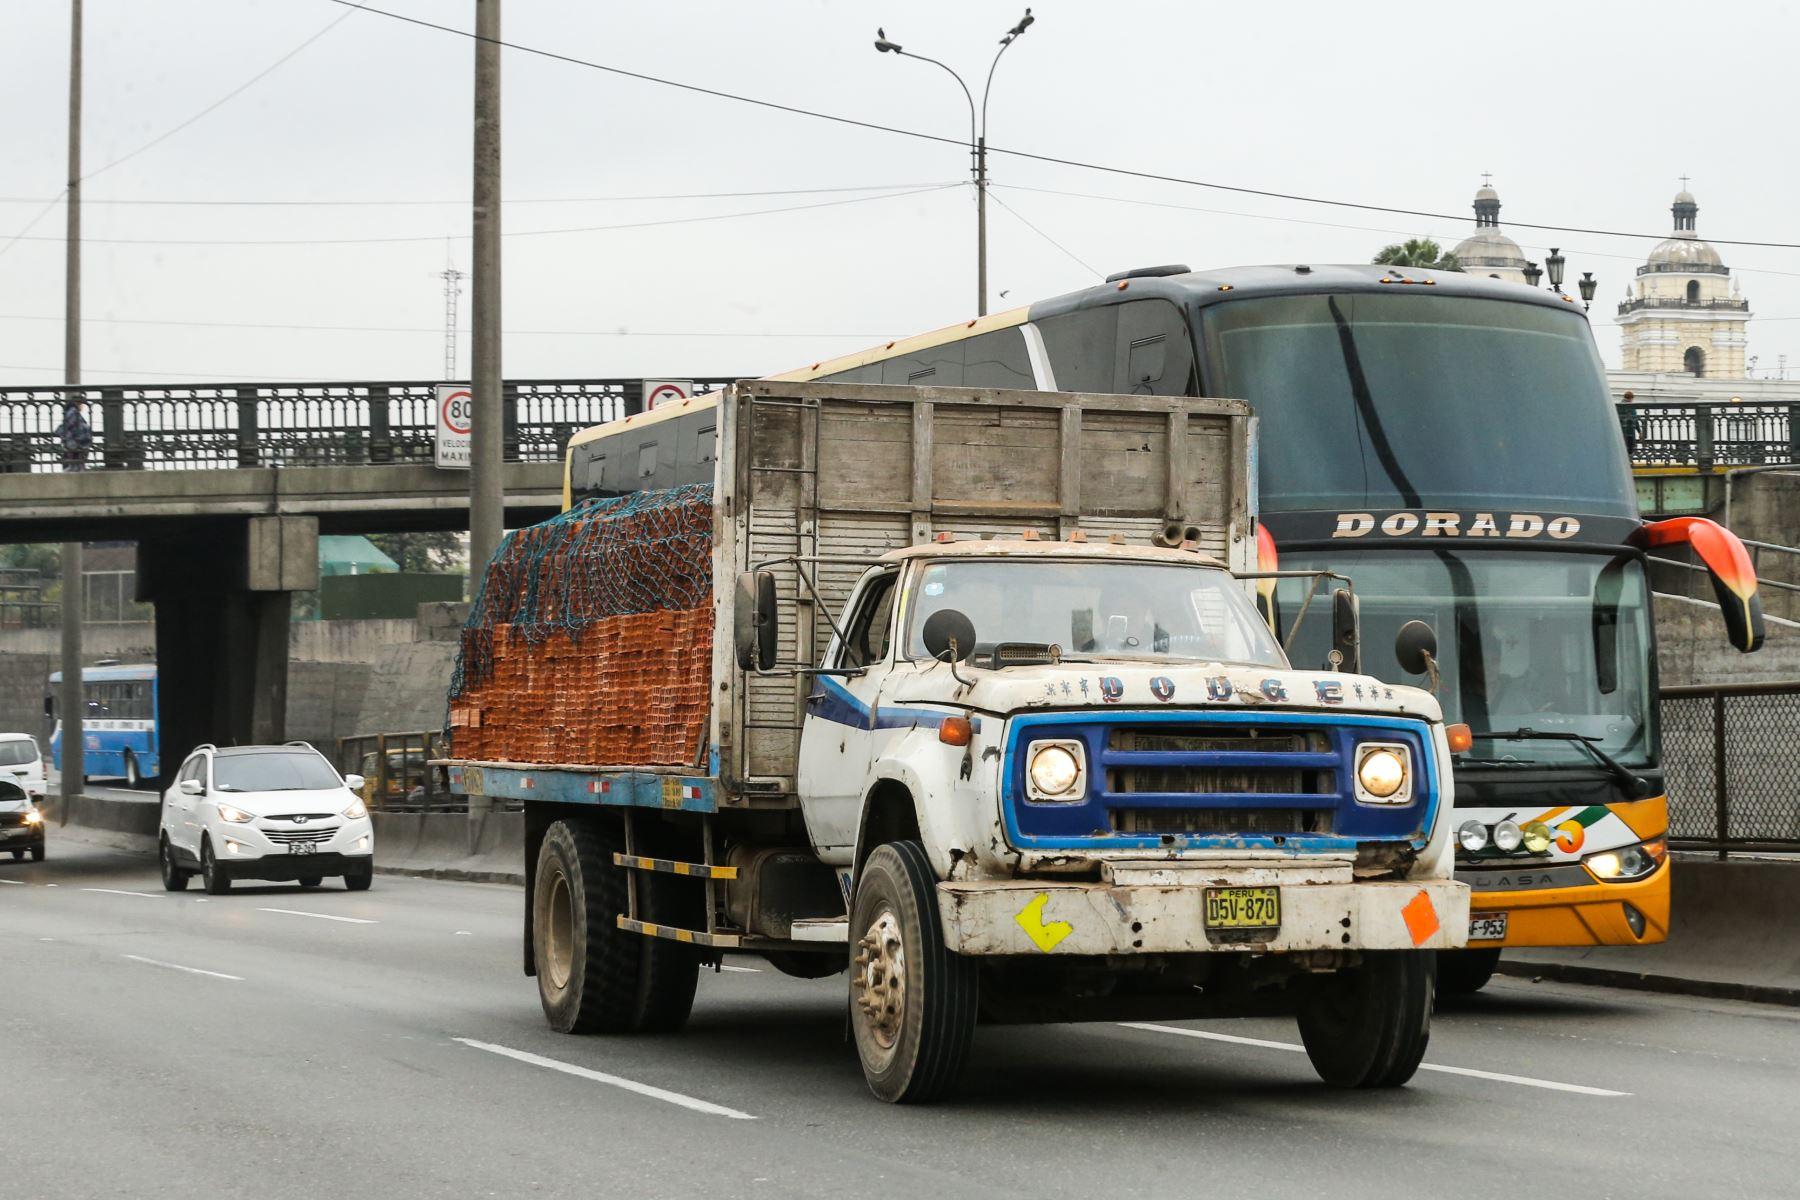 La Municipalidad de Lima anunció hoy que este martes 10 de setiembre se inicia el Plan de restricción vehicular Pico y placa para el transporte de carga y mercancías. Foto: ANDINA/ Norman Cordova